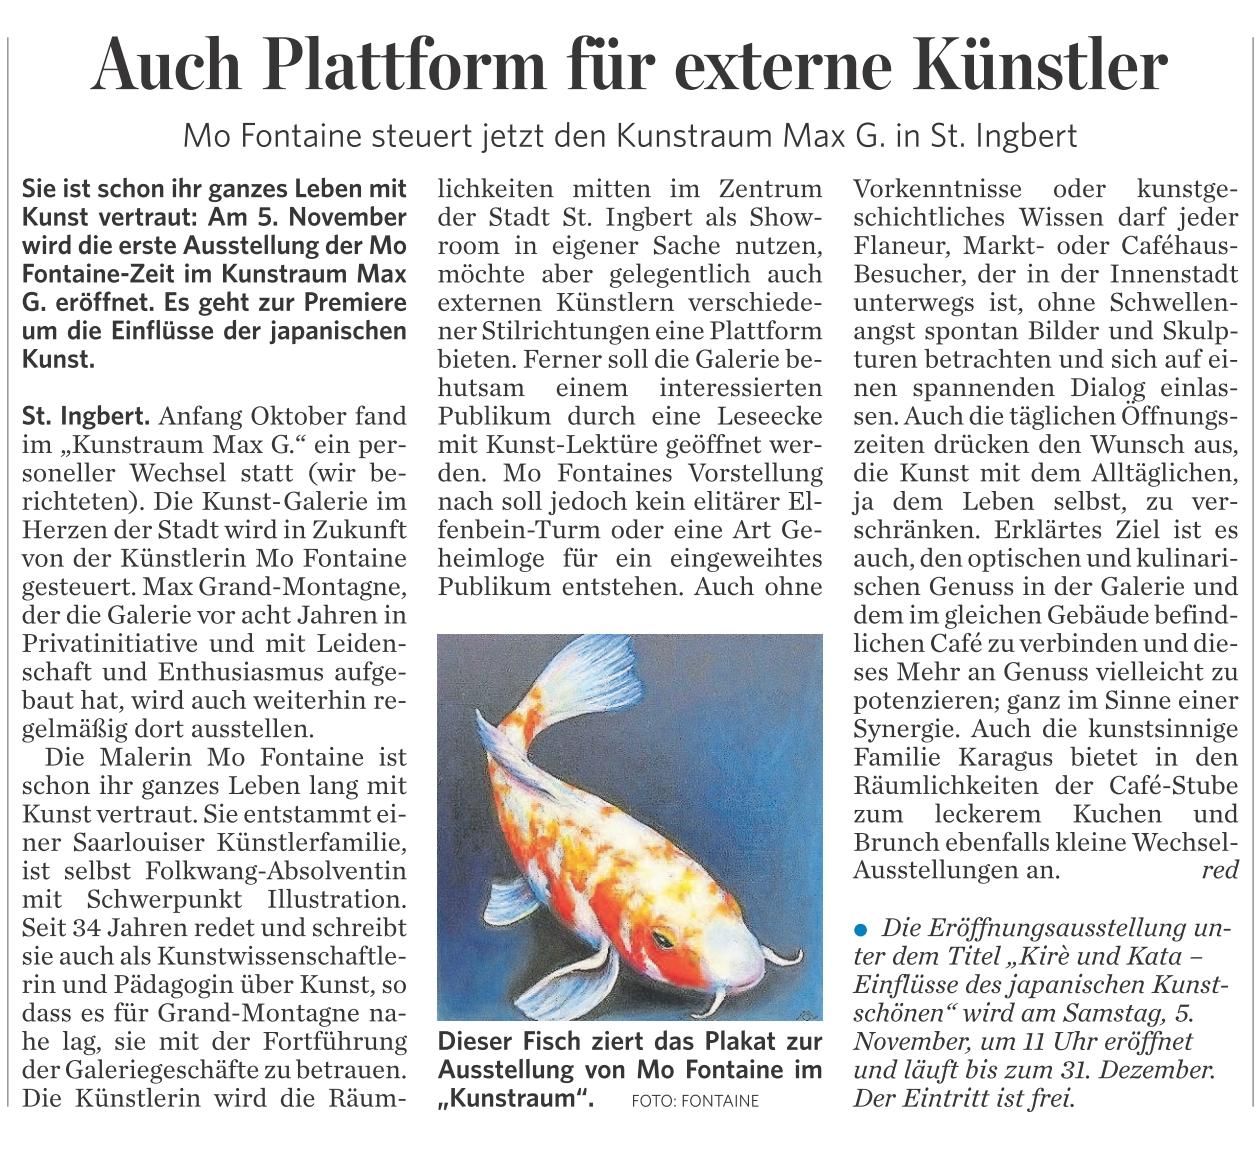 Saarbrücker Zeitung vom 25.10.2016 Seite C 6